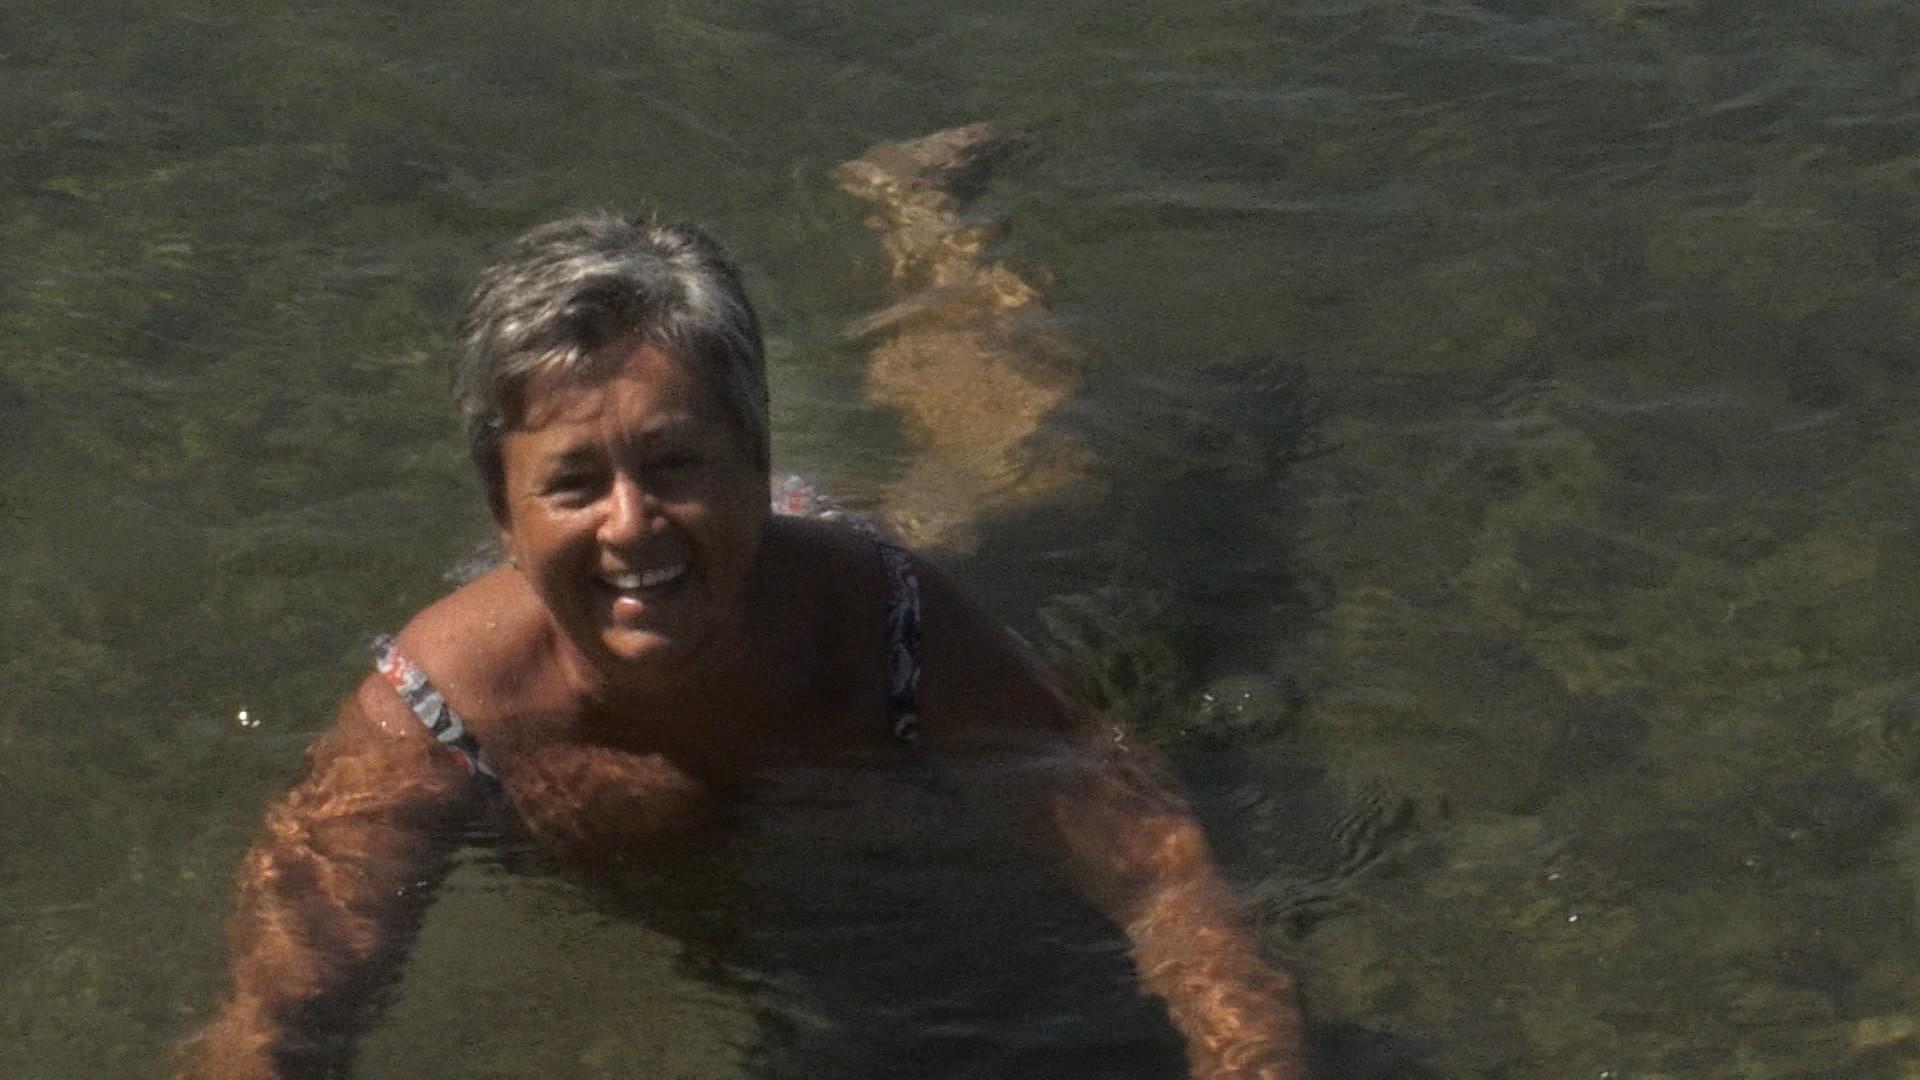 badetemperatur kristiansand